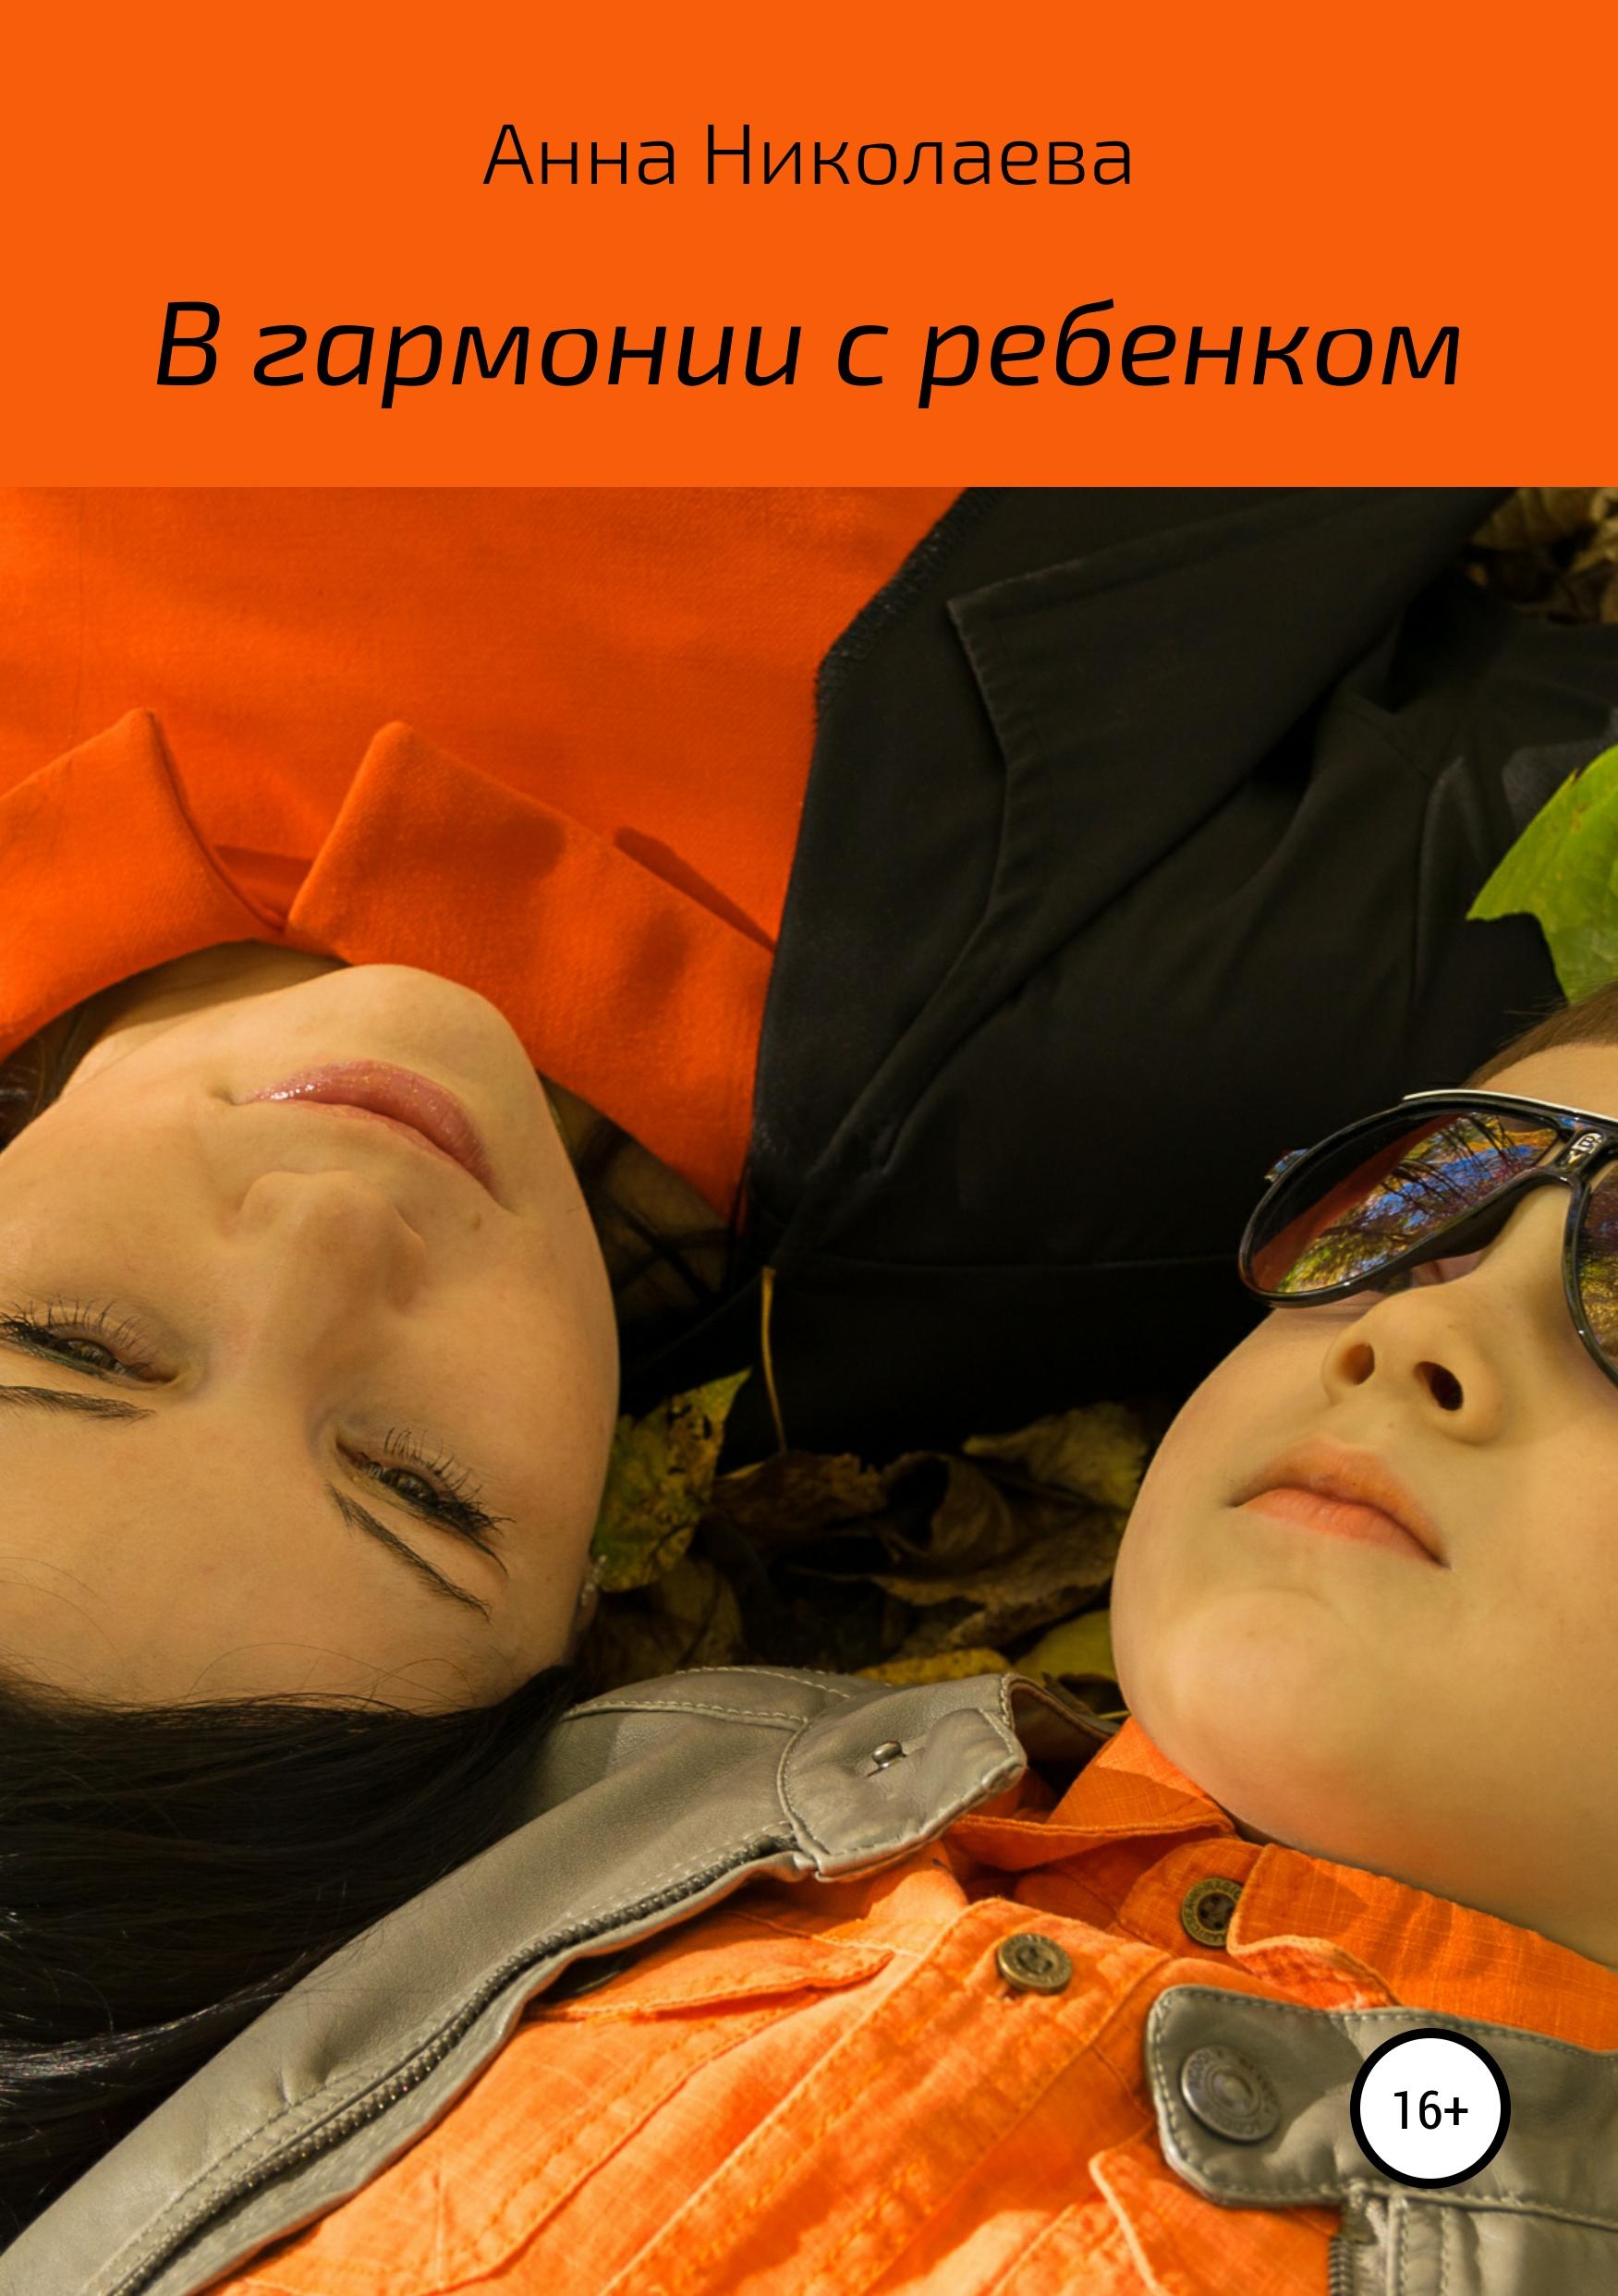 Анна Владиславовна Николаева В гармонии с ребенком анна владиславовна николаева дорога в небеса или как пережить смерть любимого